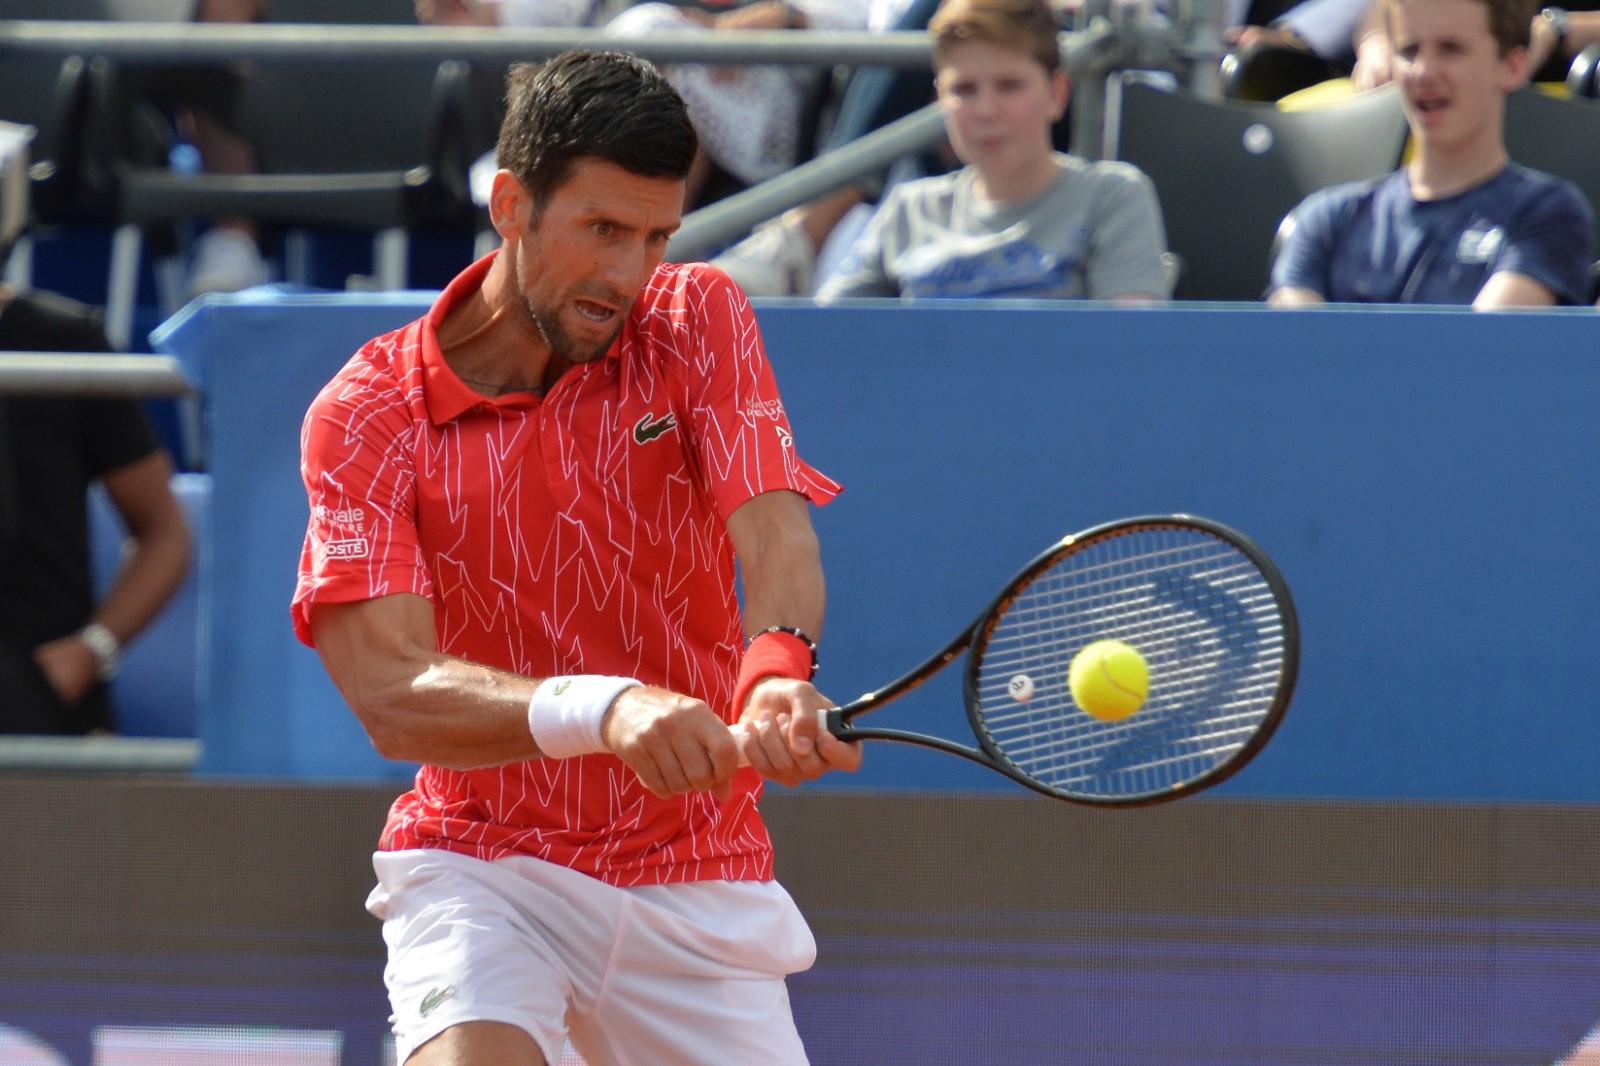 网球名将德约科维奇和妻子新冠病毒检测结果呈阳性_图1-1